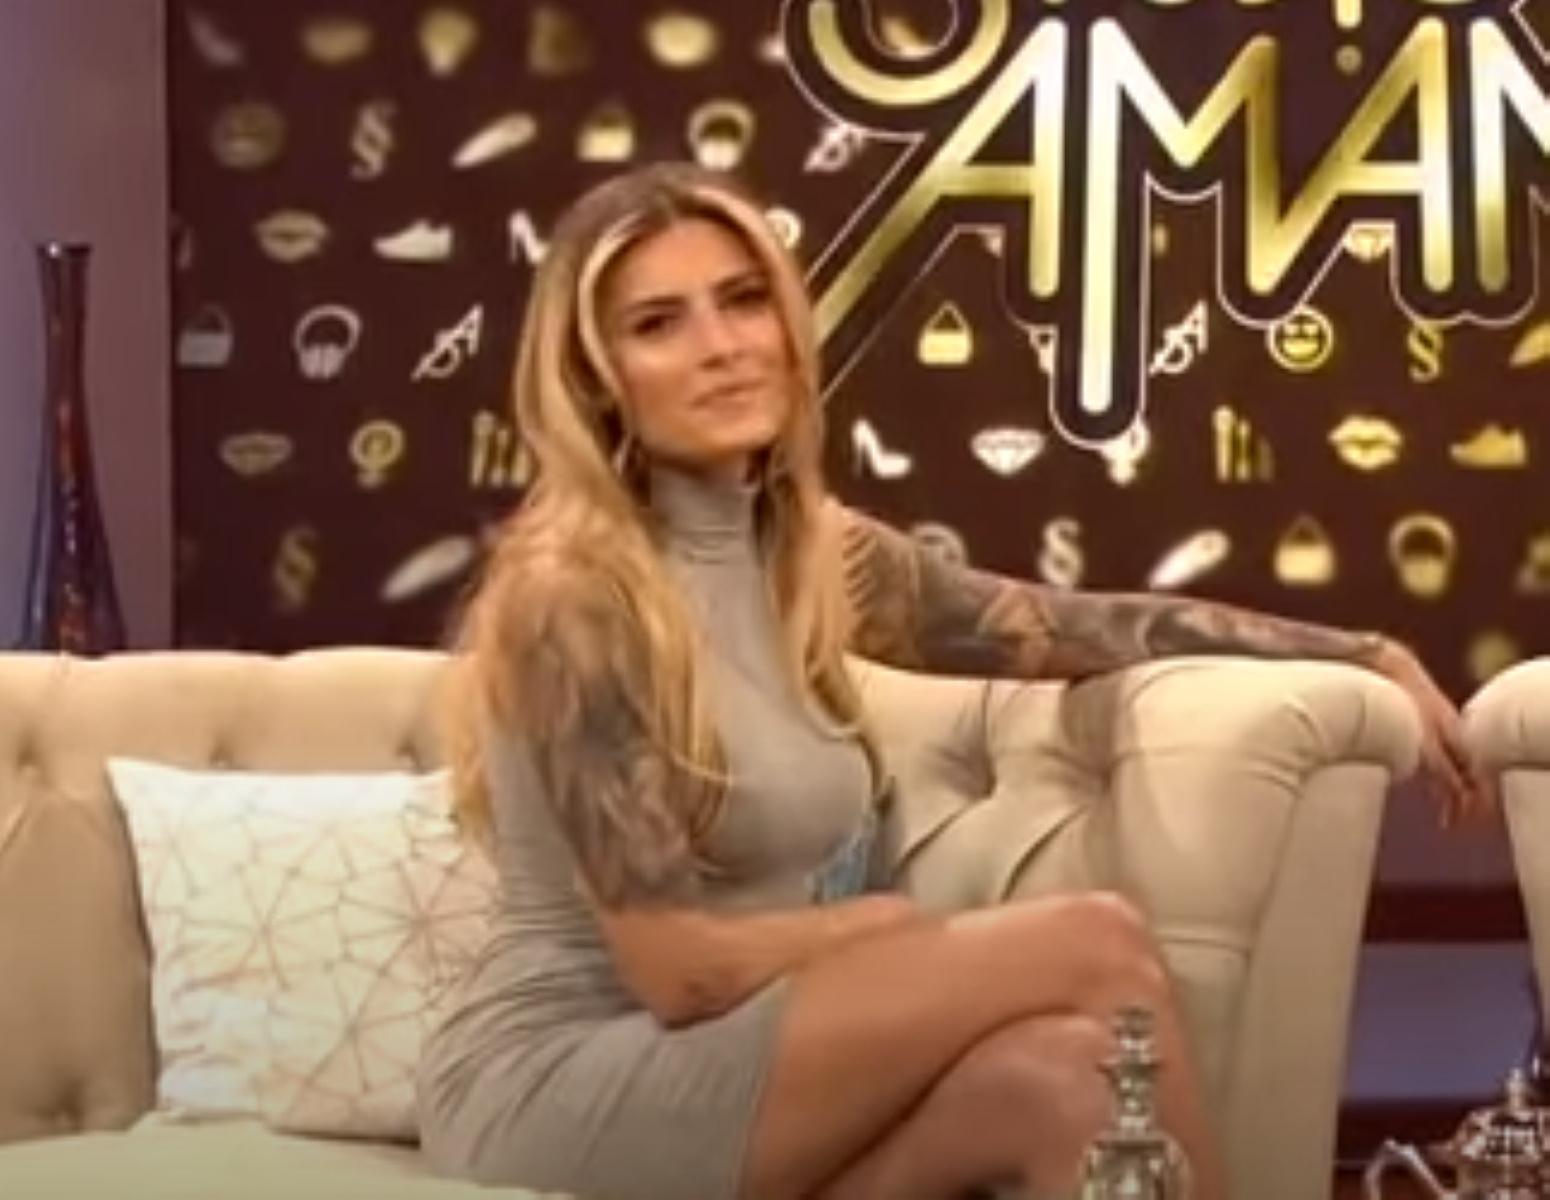 Στην Ελλάδα για γυρίσματα reality show η εκρηκτική σύντροφος του Κάριους (pics)